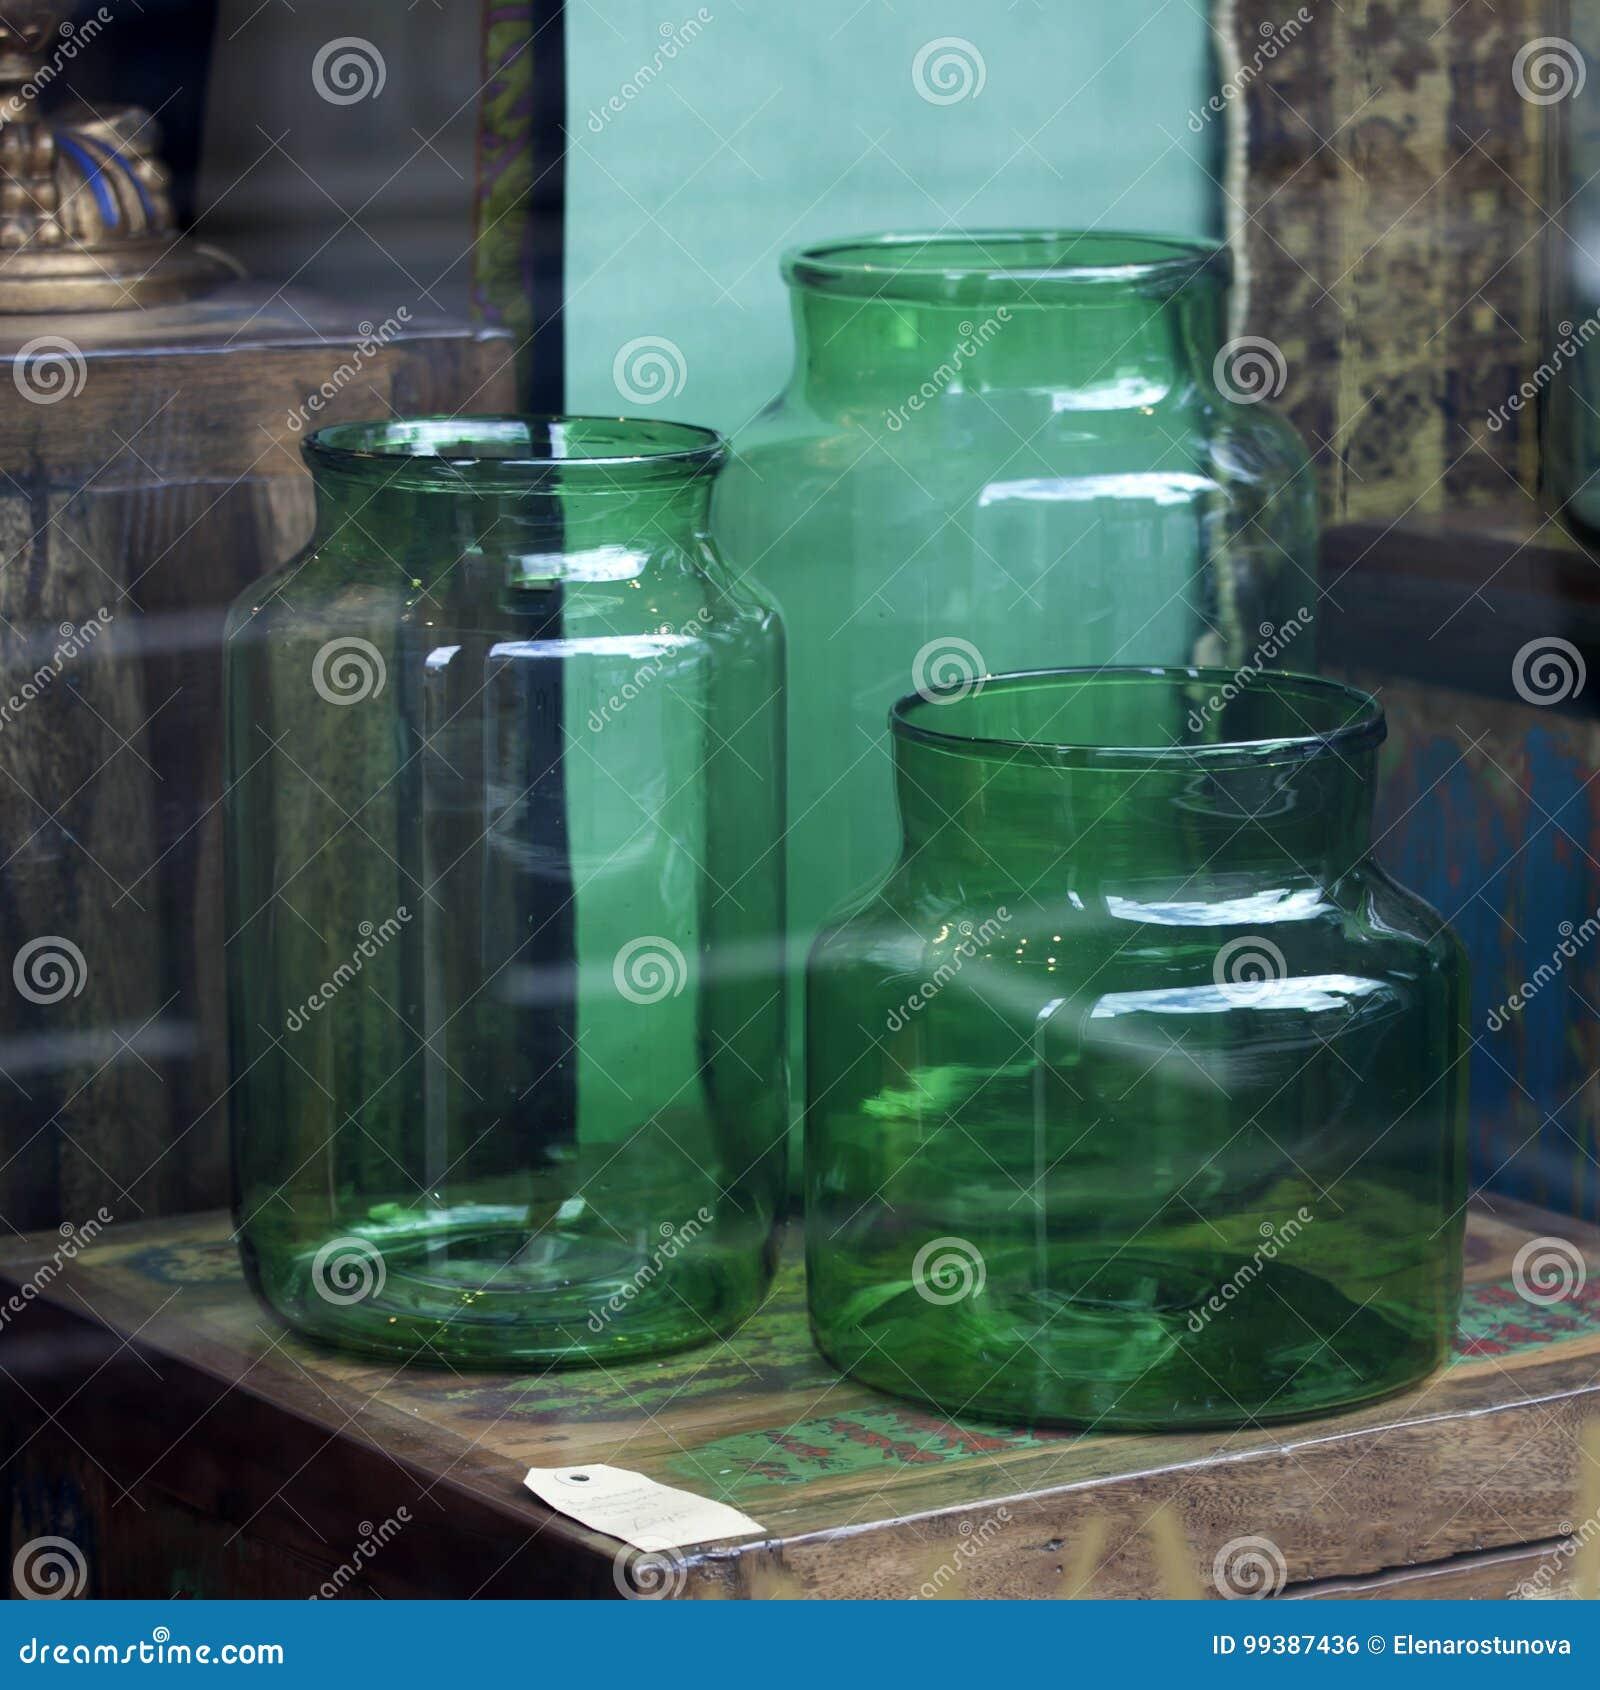 Nieuw De Grote Glas Groene Blikken Die Als Vazen Kunnen Worden Gebruikt RV-21